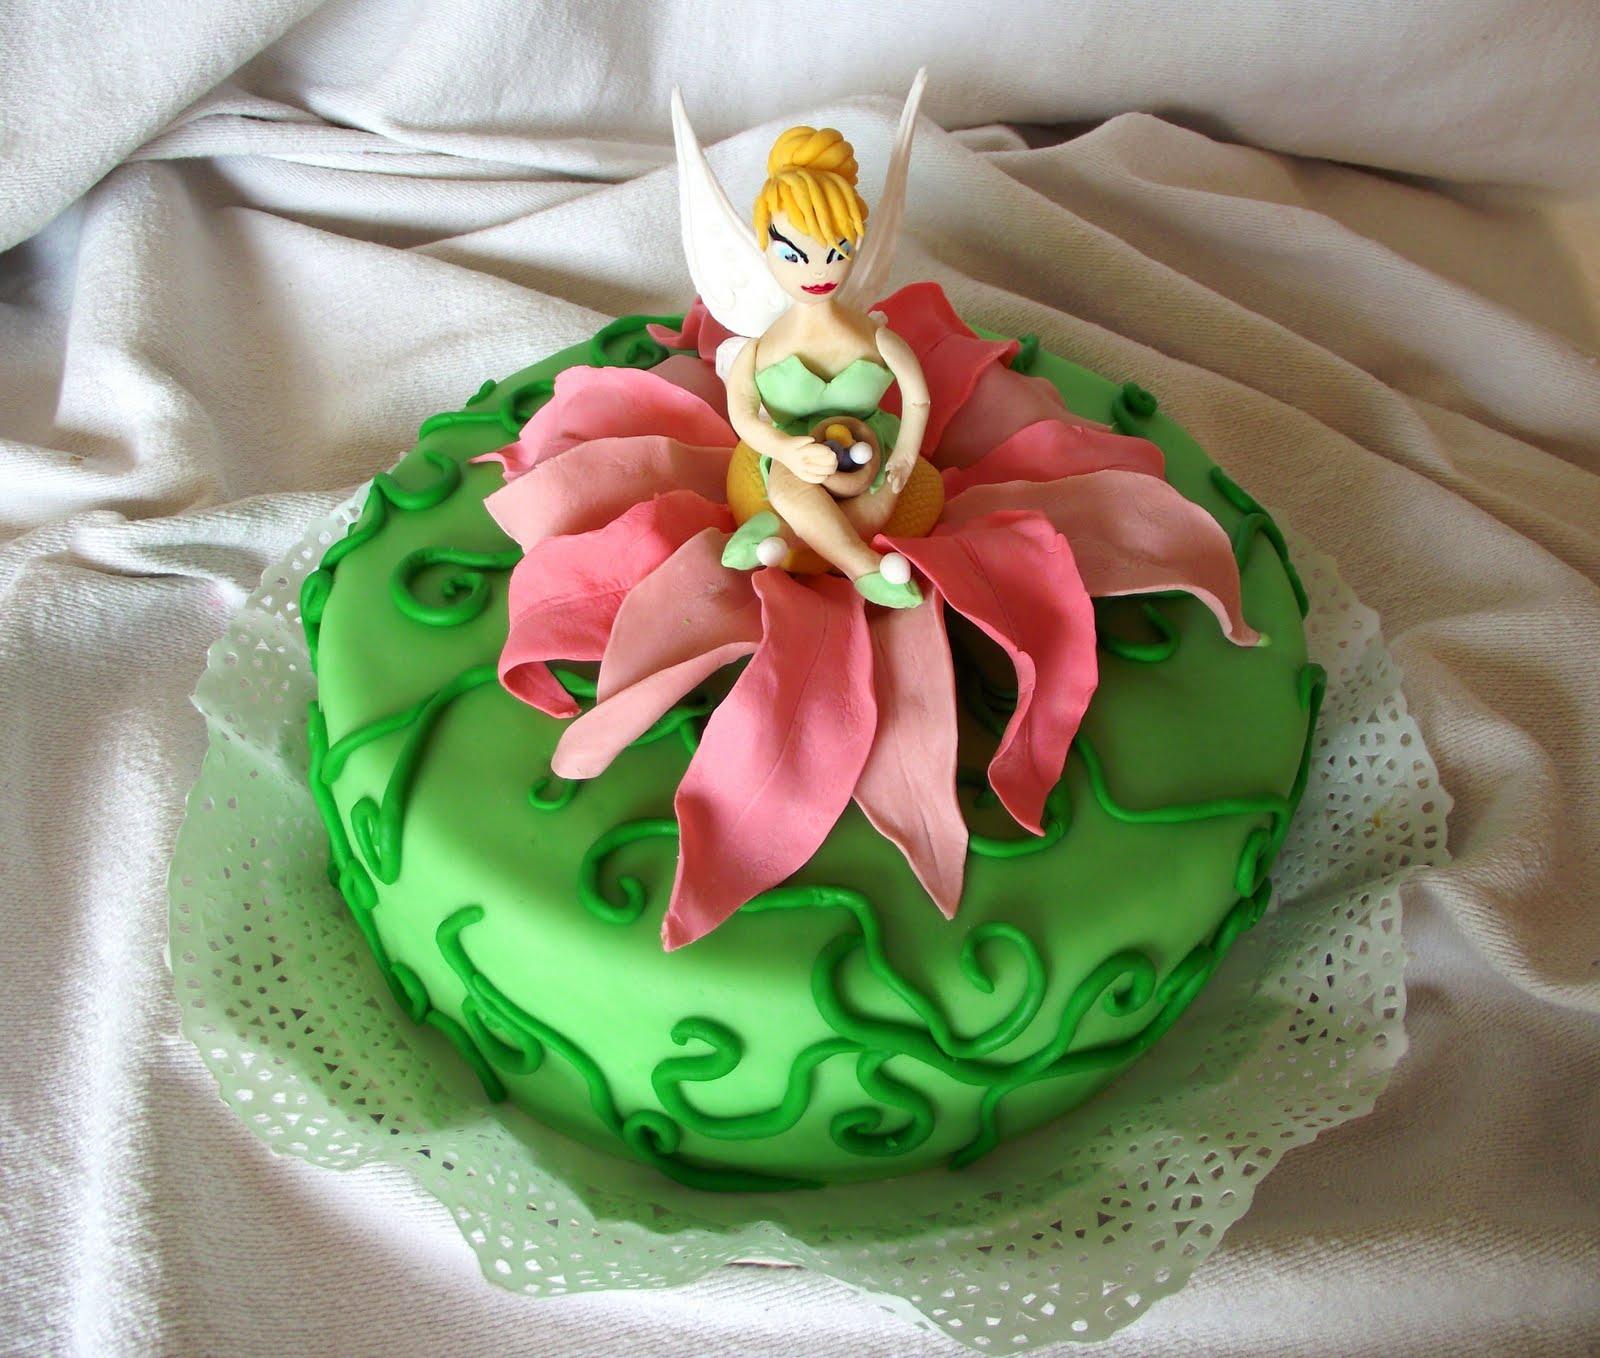 Torta infantil cubierta de masa dulce, ambientada en